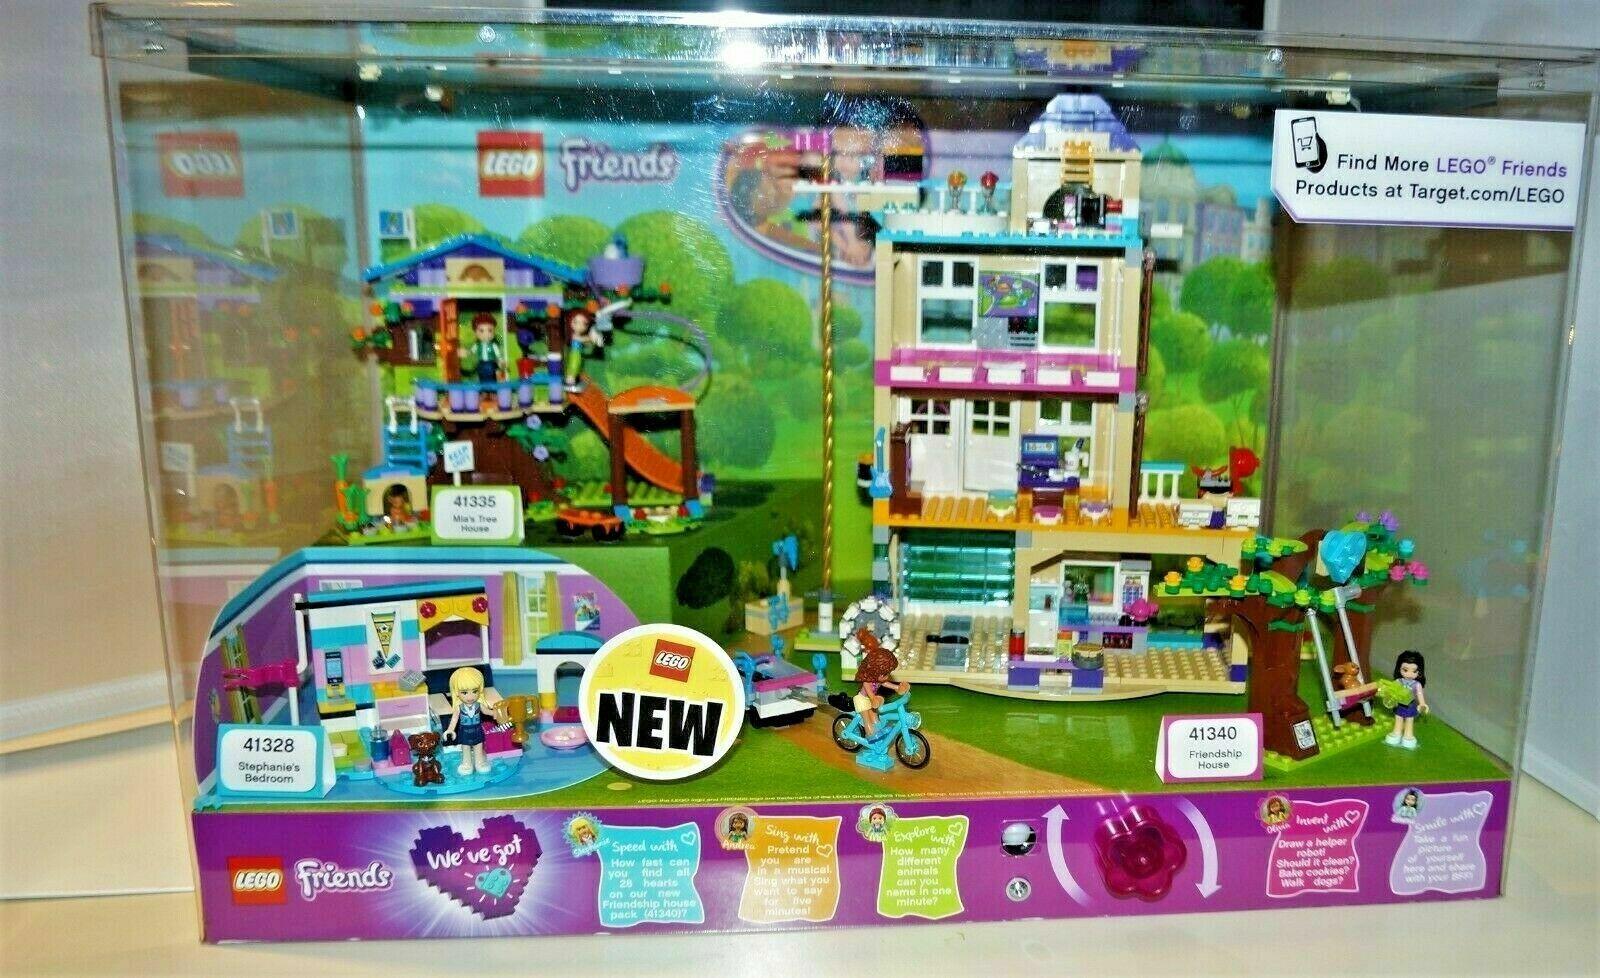 Amigos Lego legos 41340 41328 41335 luces LED de visualización de tienda de destino hasta